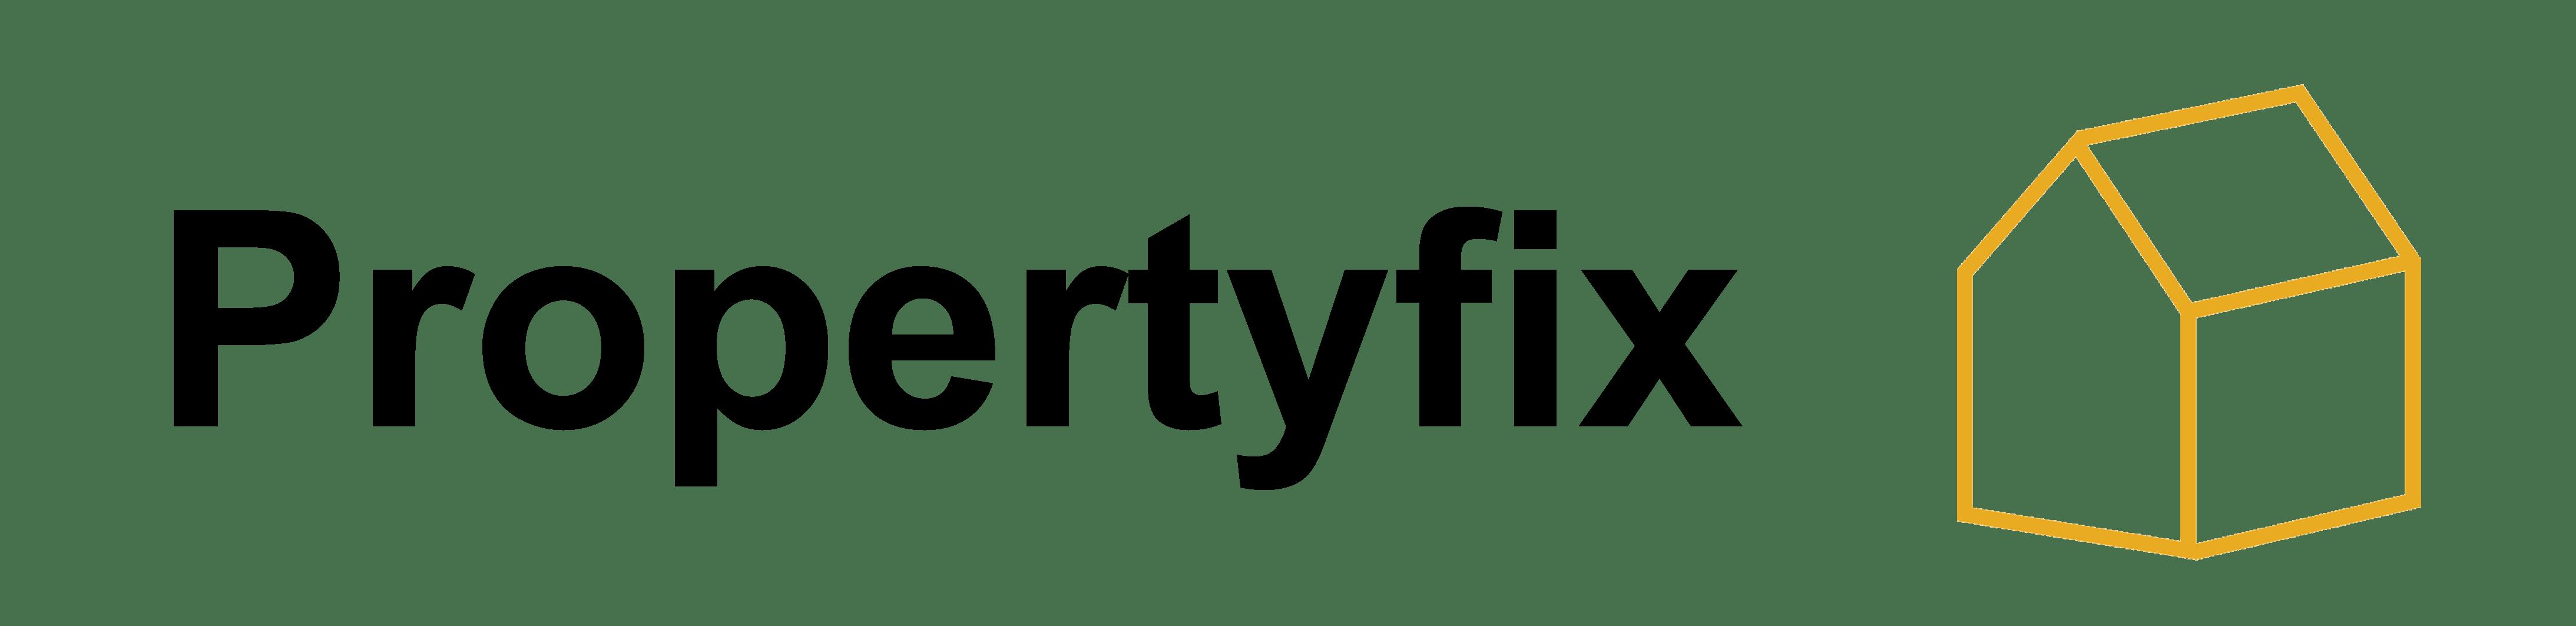 Propertyfix